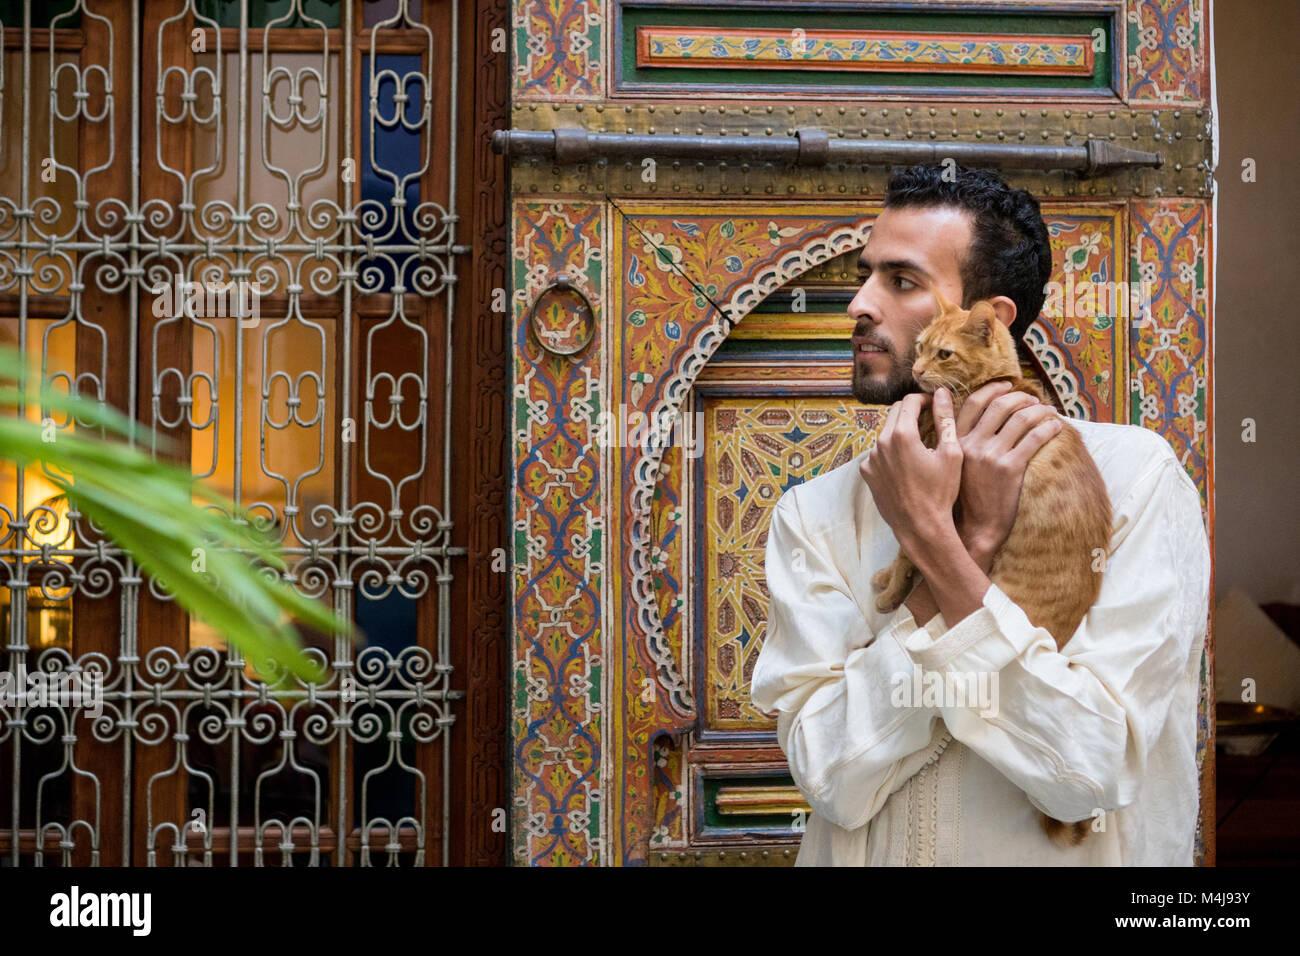 Giovani Musulmani uomo in abbigliamento tradizionale tenendo un gatto giallo in un tradizionale ambiente Marocchino Foto Stock